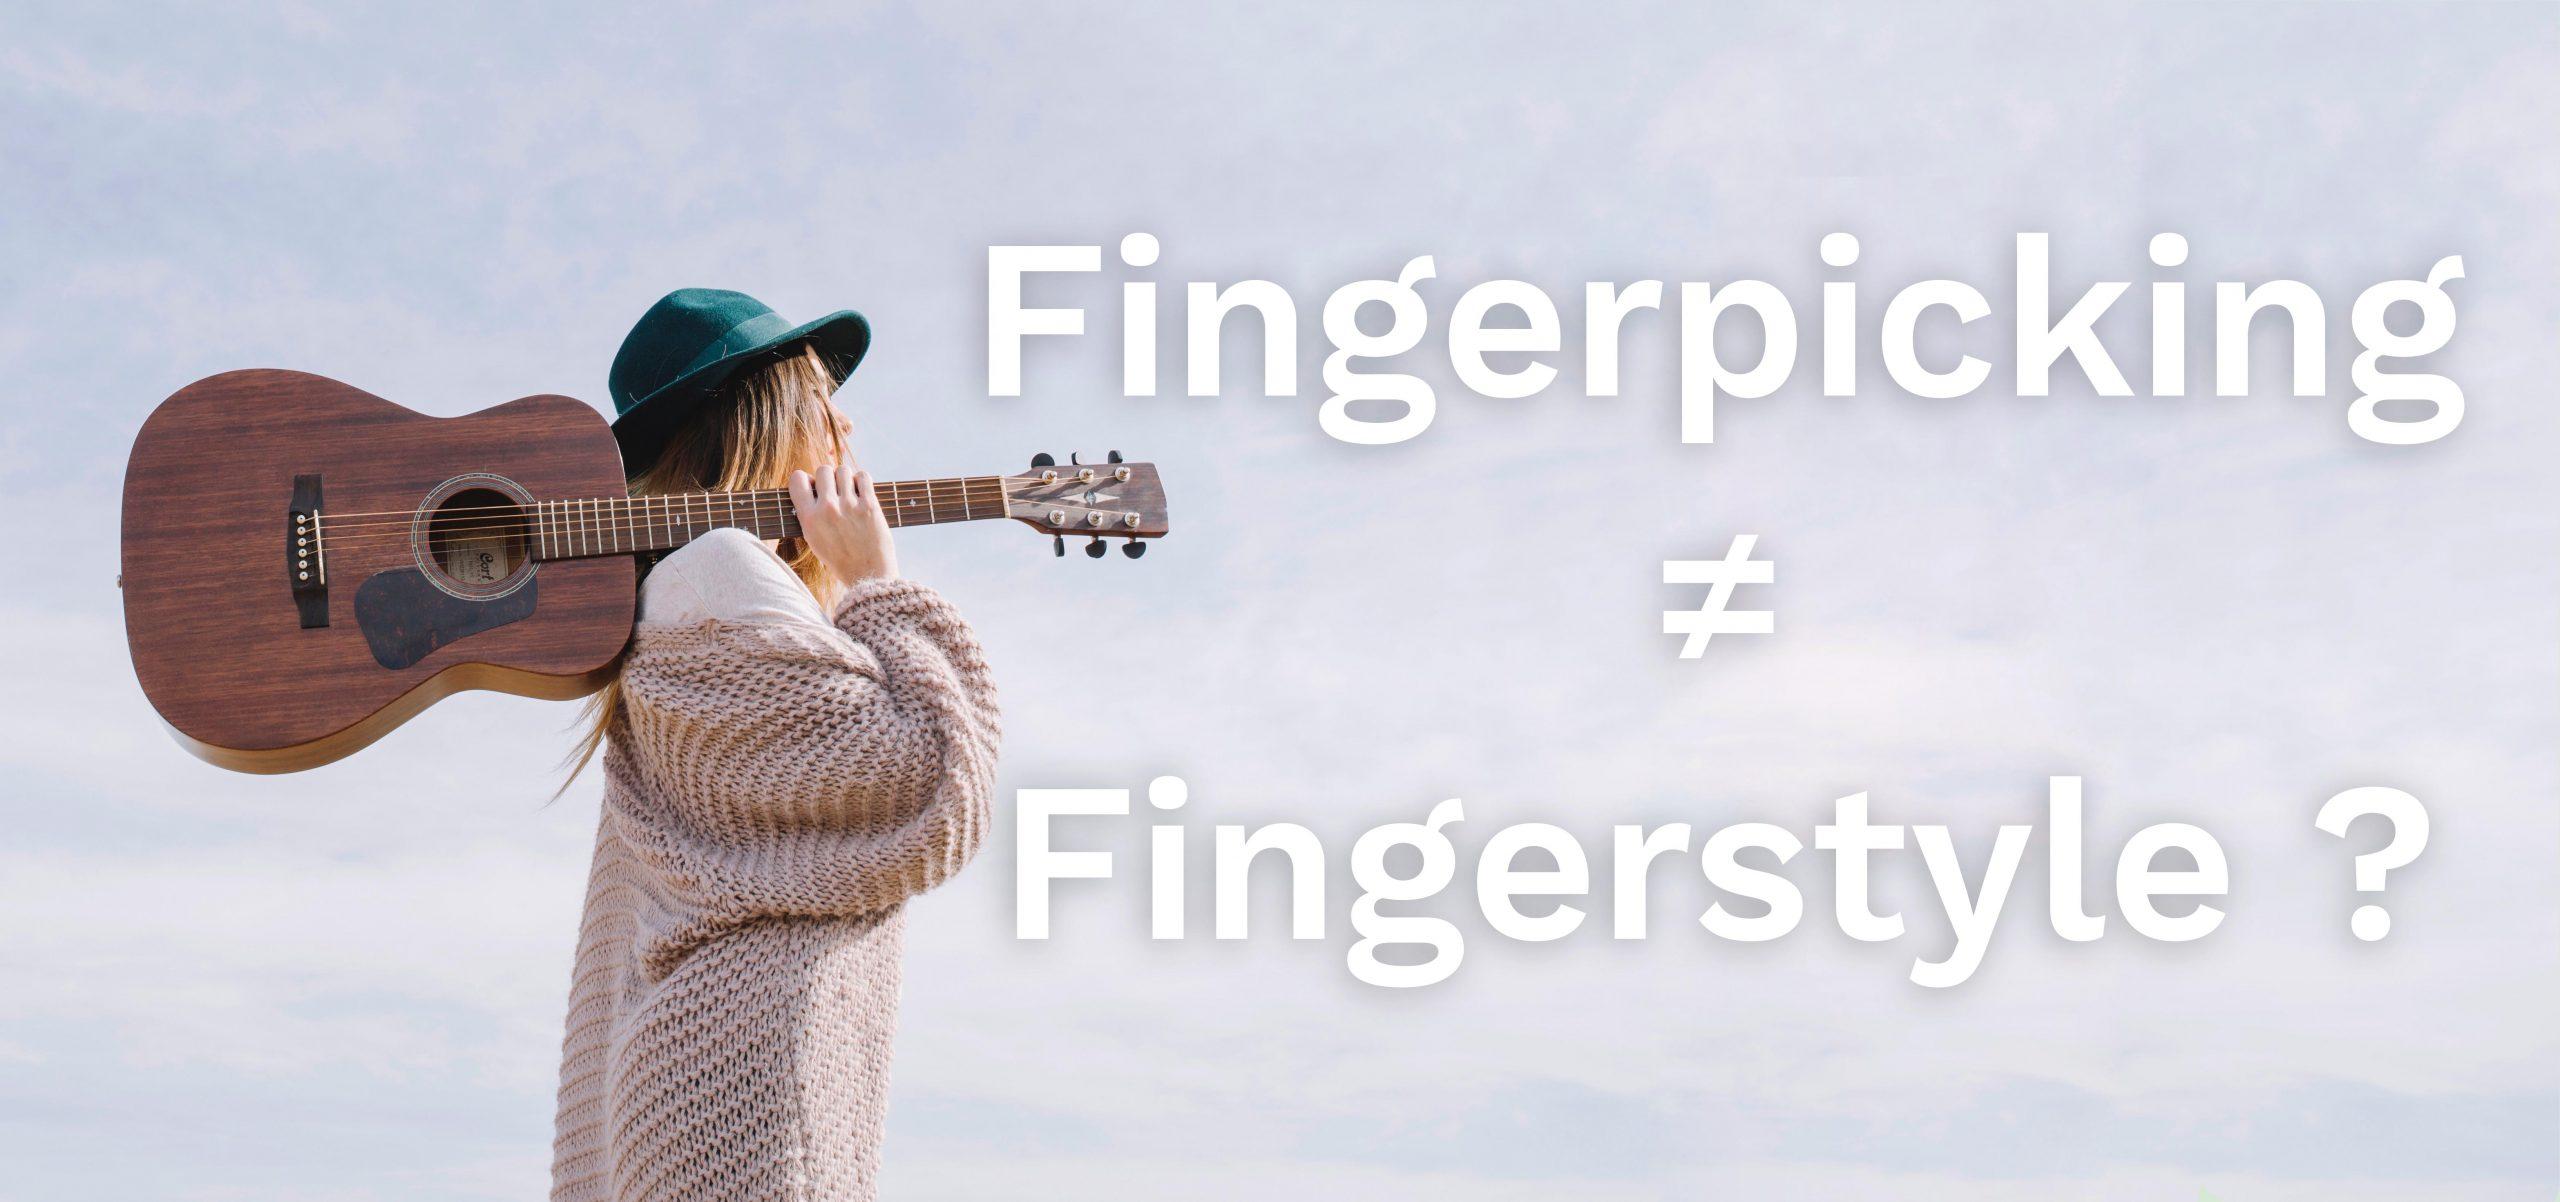 Les différences entre fngerpicking et fingerstyle à la guitare